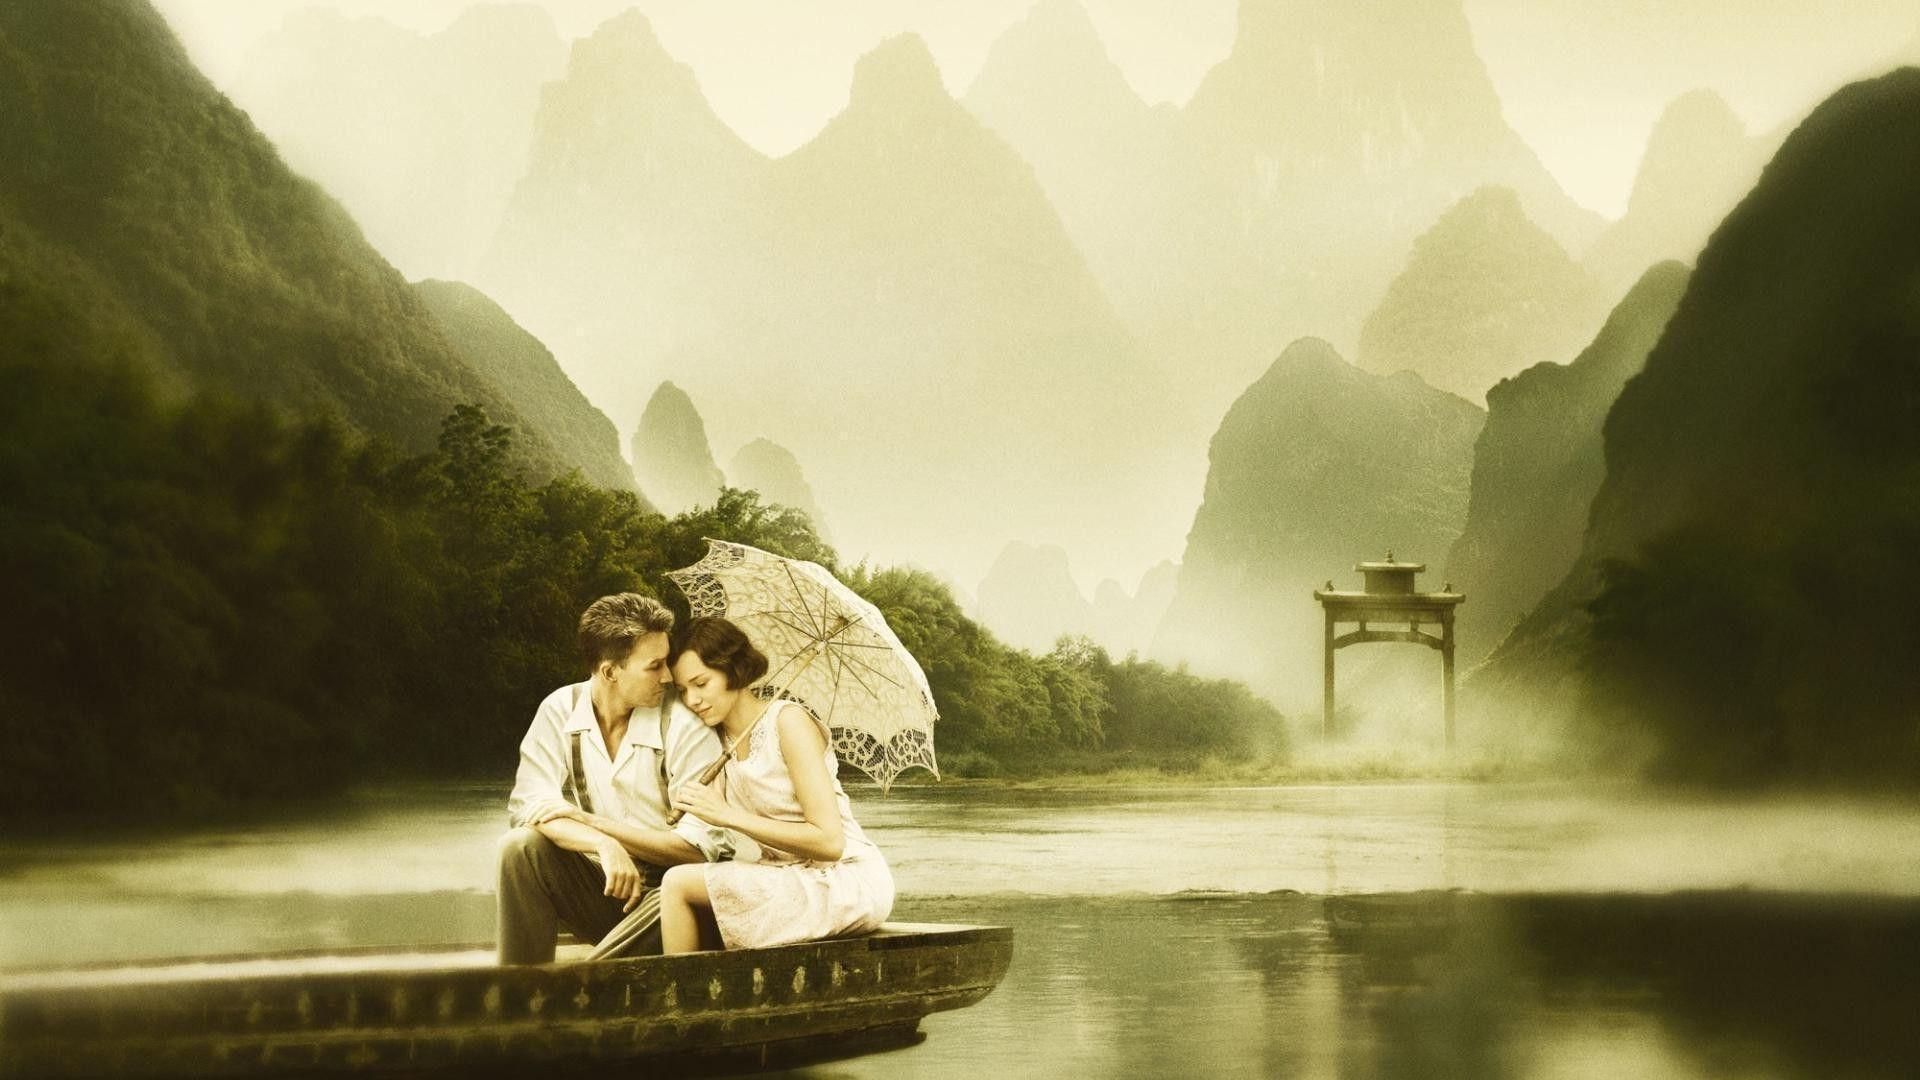 Hd wallpaper romantic - Romantic Couple Sunset Hd Desktop Wallpaper Widescreen High